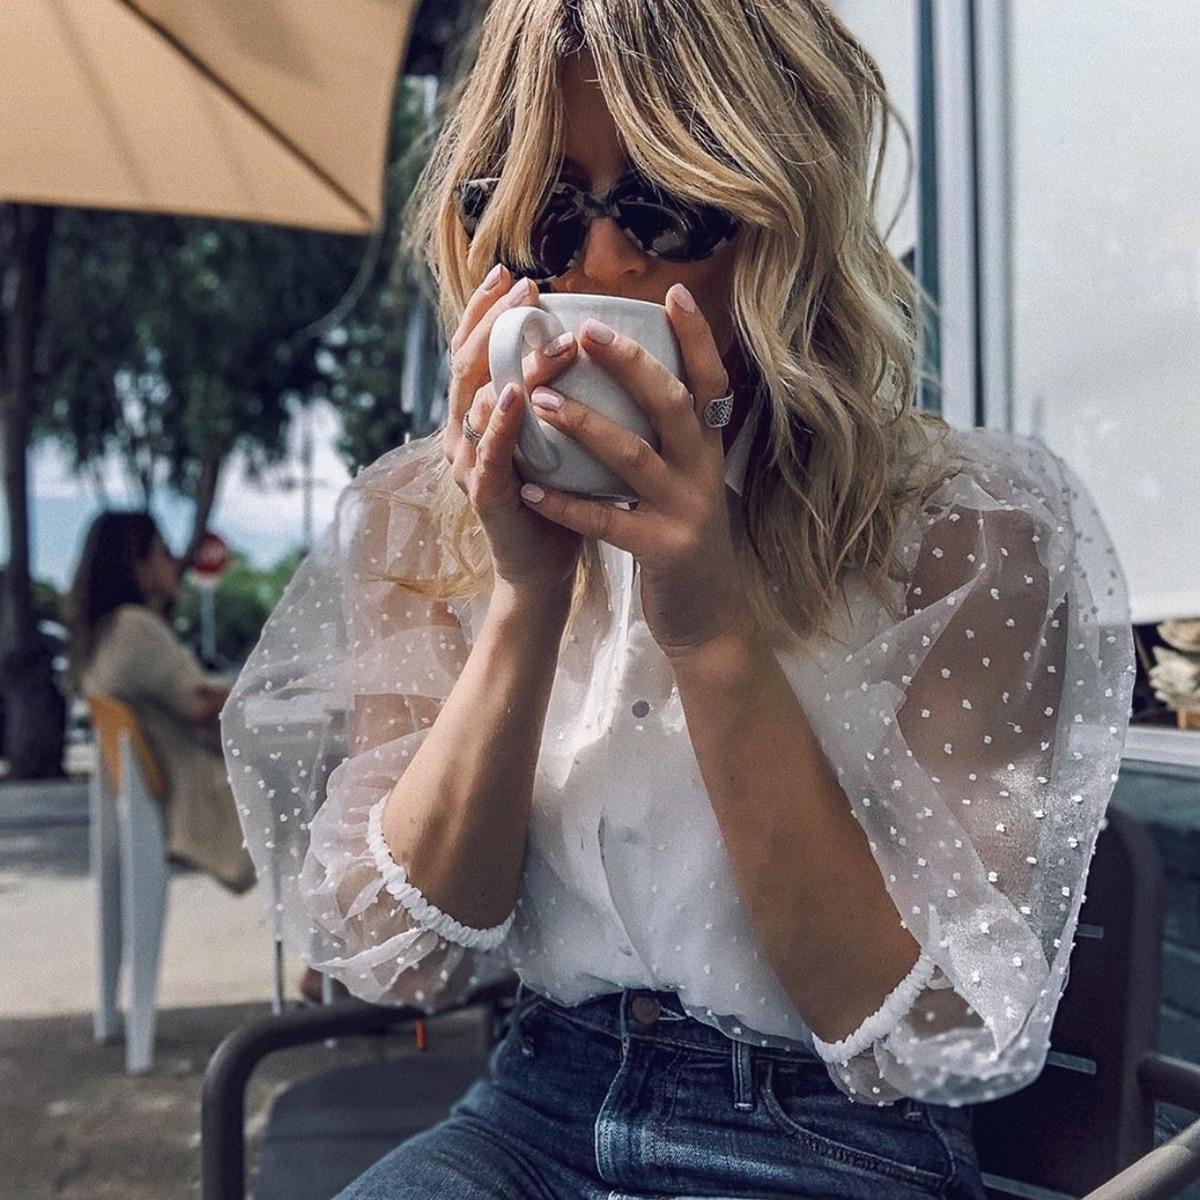 새로운 패션 여성 메쉬 쉬어 티셔츠 시스루 롱 슬리브 탑 셔츠 펄 버튼 투명한 흰색 티셔츠 여성 블러셔